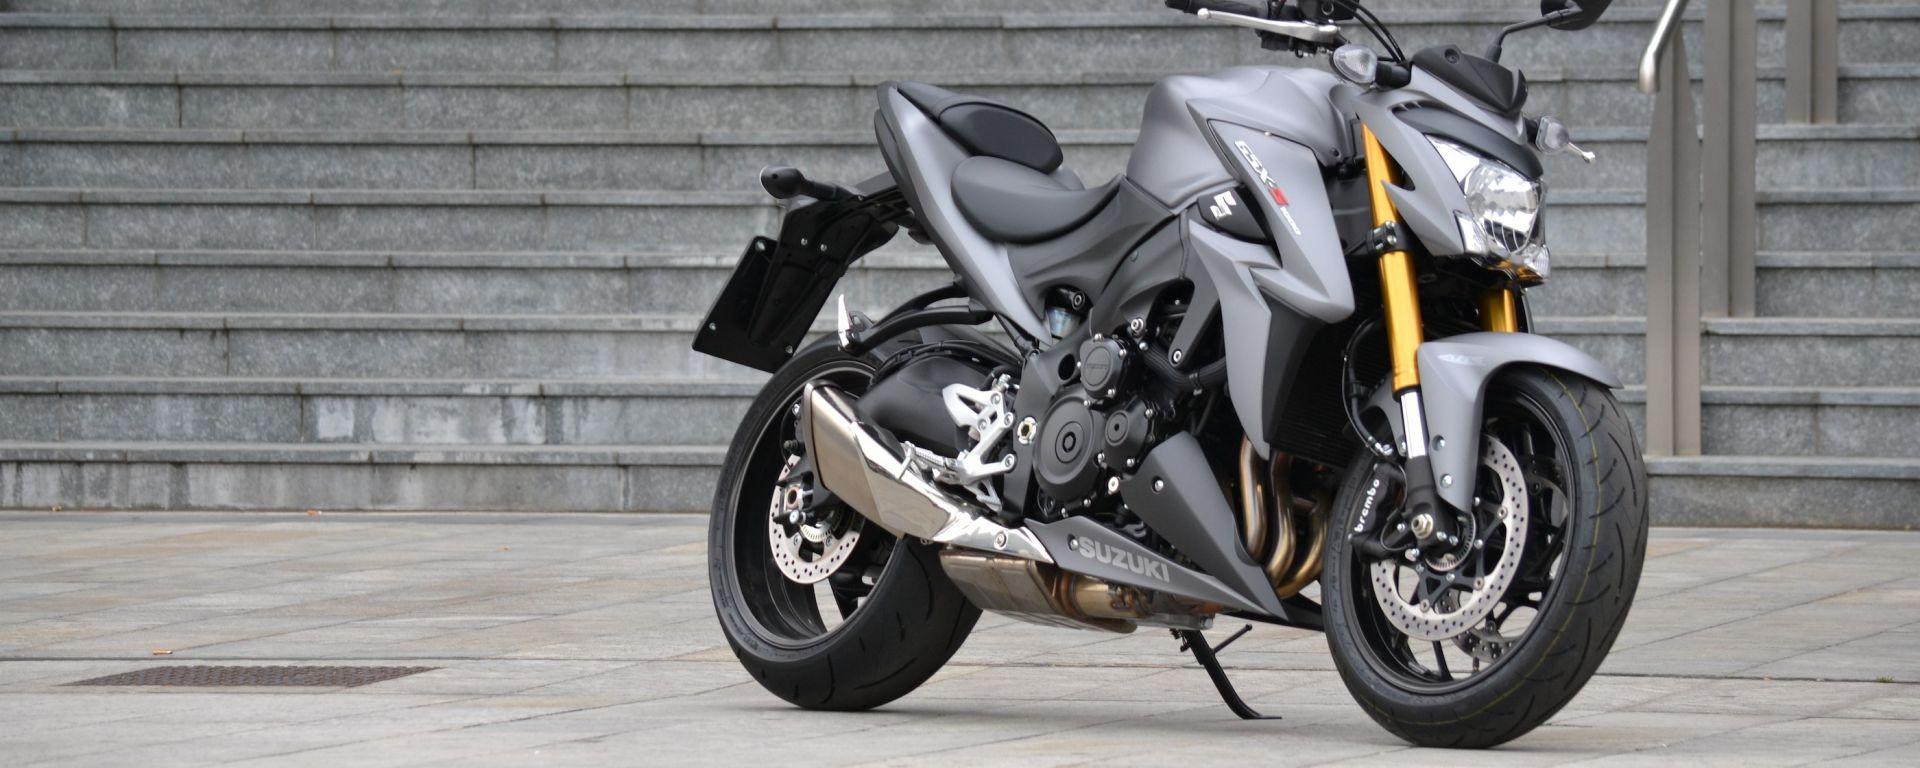 Suzuki: una pioggia di promozioni